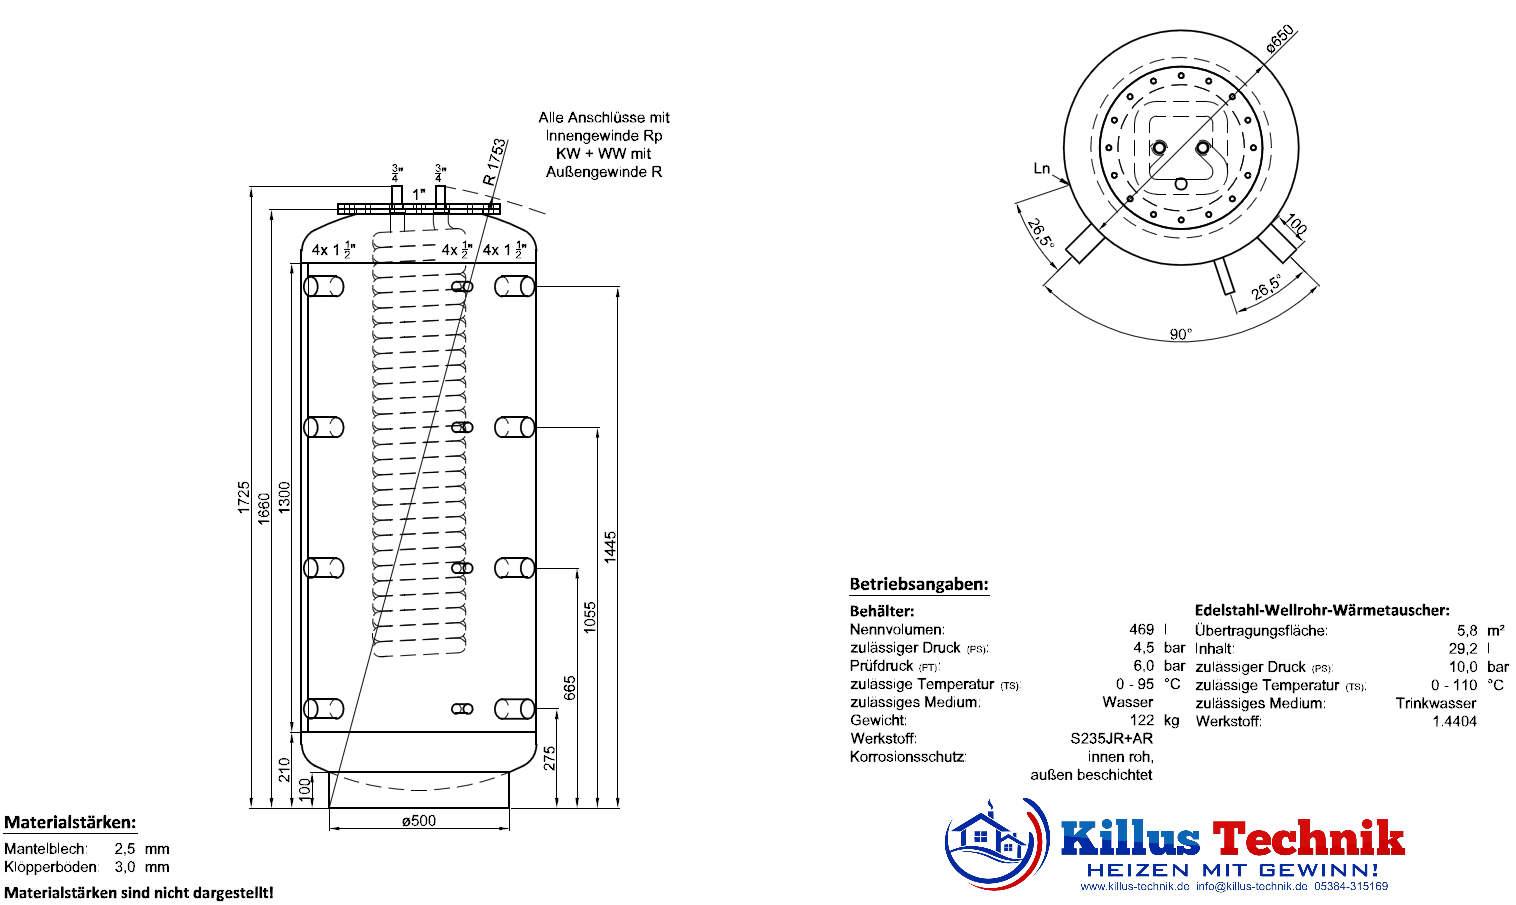 TWL Hygienespeicher mit 90 Grad Anschlüsse Killus-Technik.de